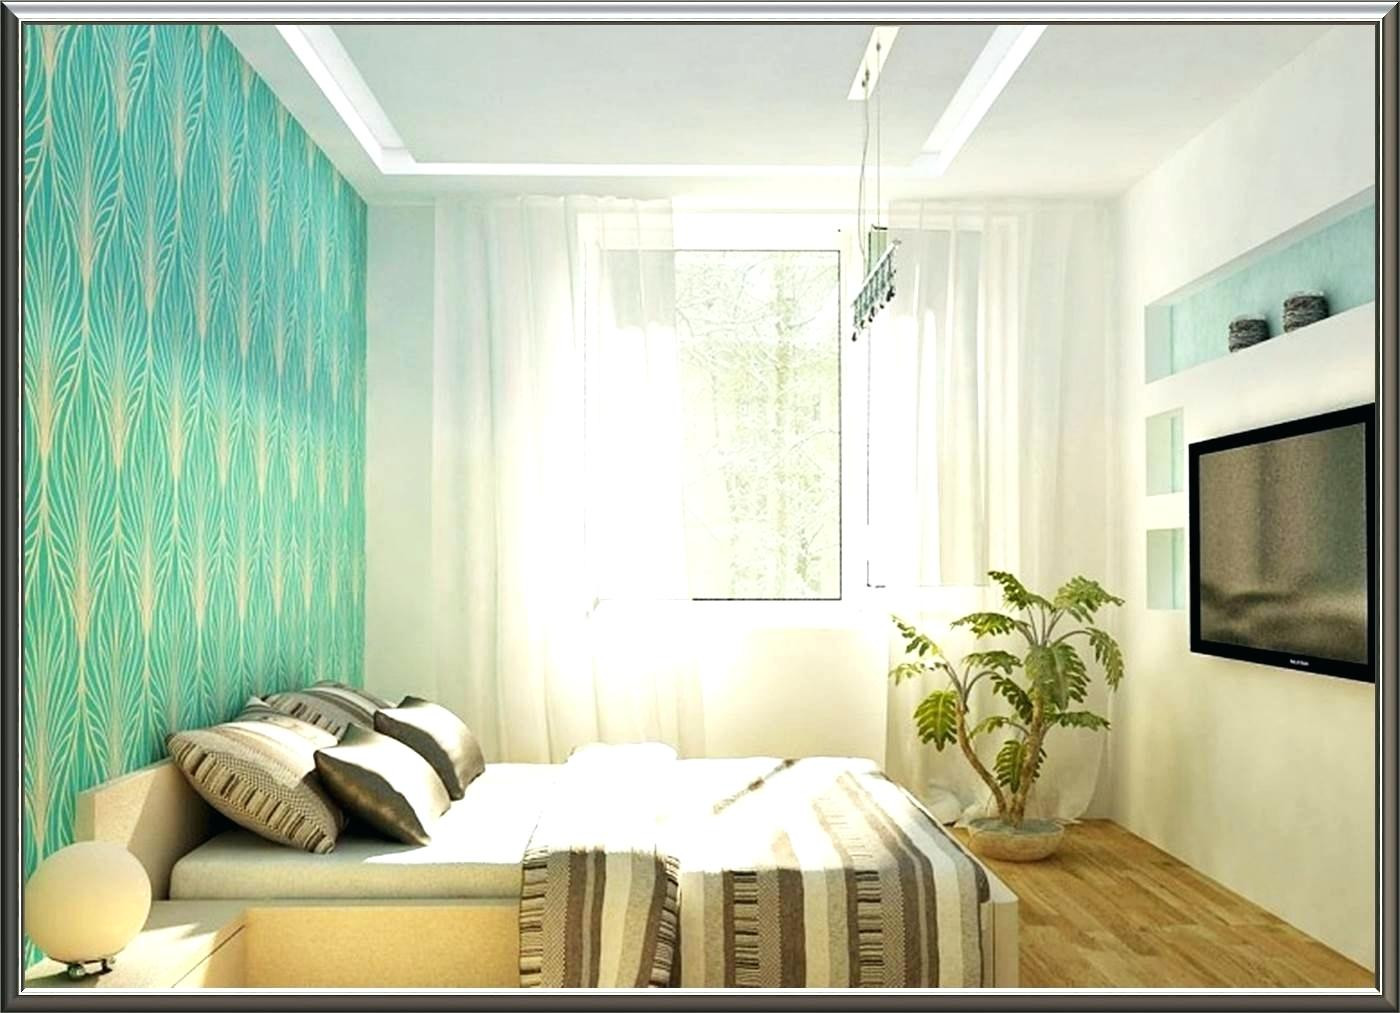 Scheibengardinen Schlafzimmer  Scheibengardinen Schlafzimmer Blekviva 2 Gardinen